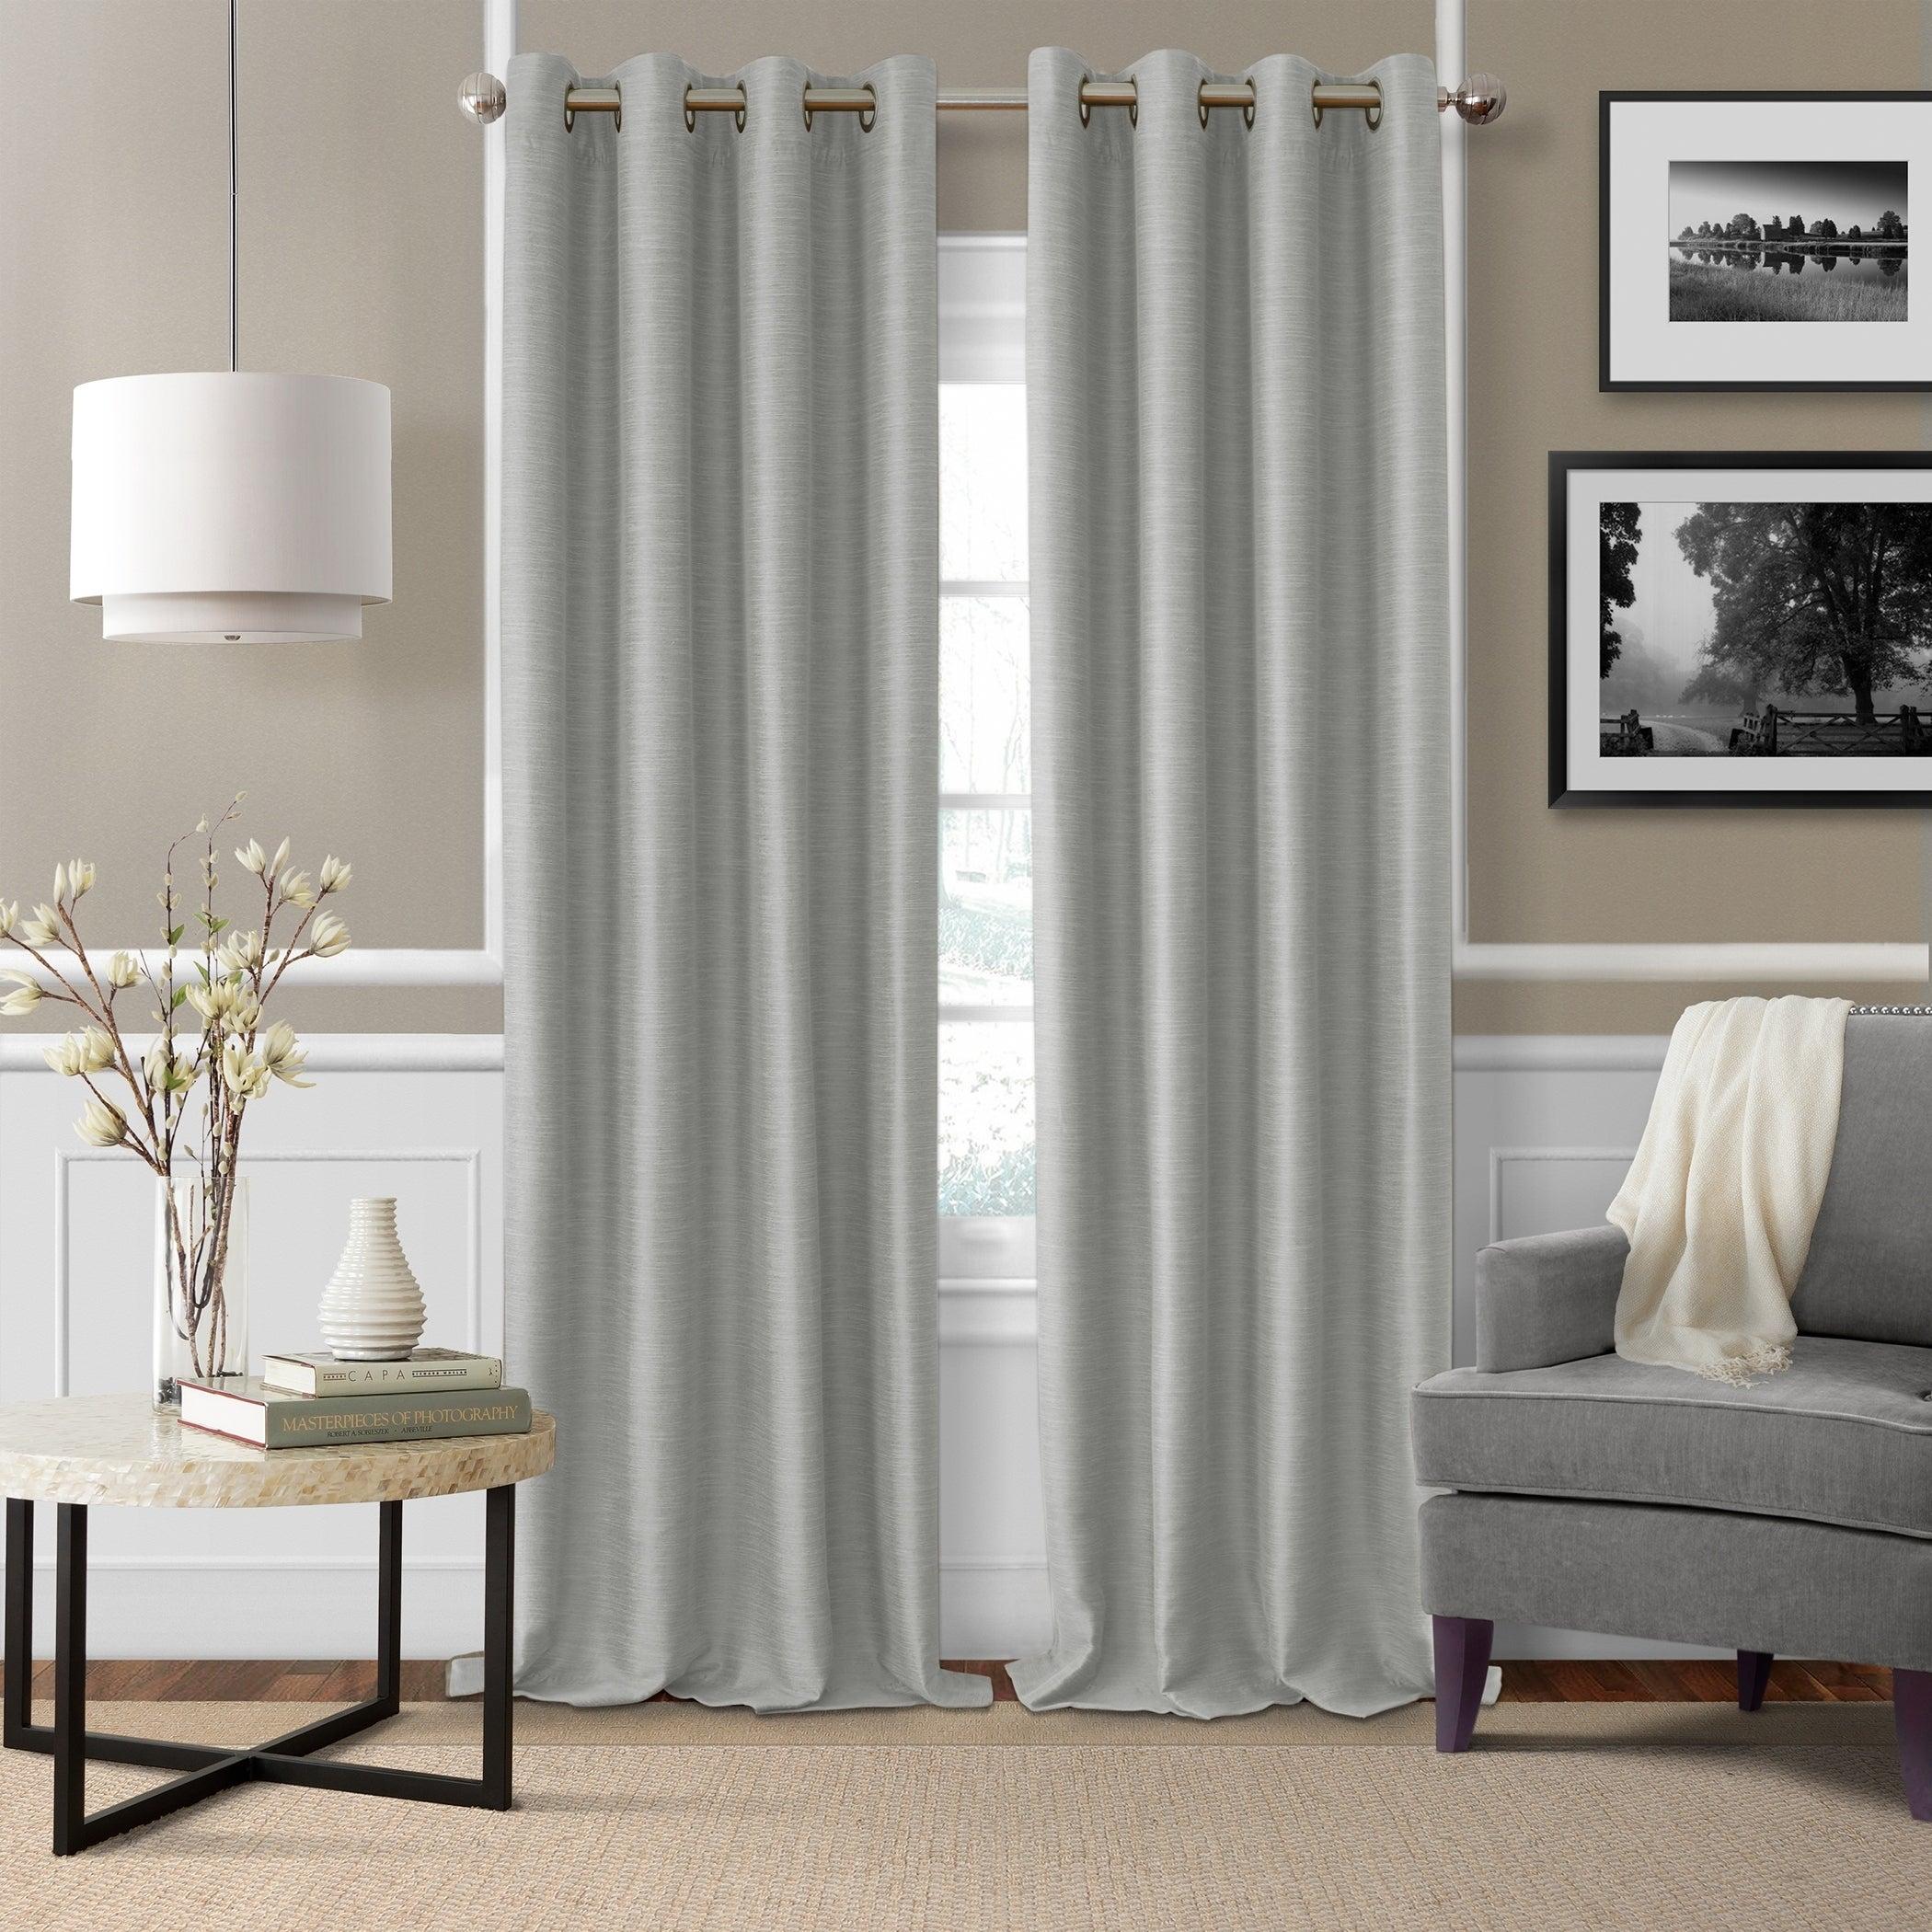 Elrene Brooke Blackout Window Curtain Panel In All Seasons Blackout Window Curtains (View 14 of 20)